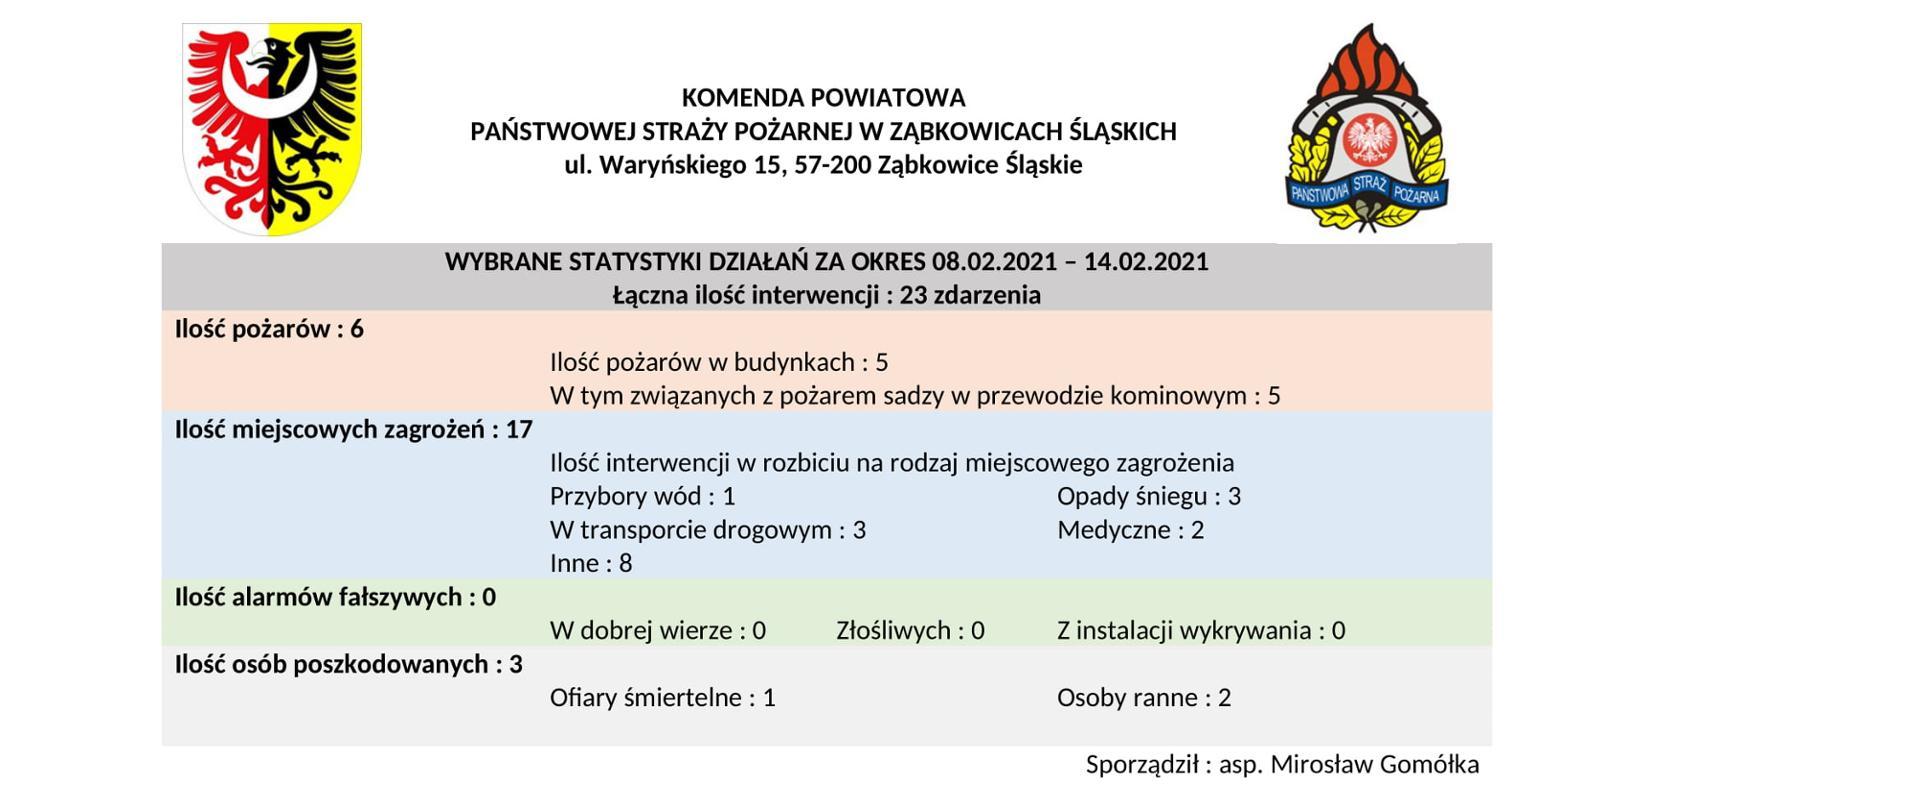 Statystyki działań ratowniczo-gaśniczych PSP Ząbkowice Śl.